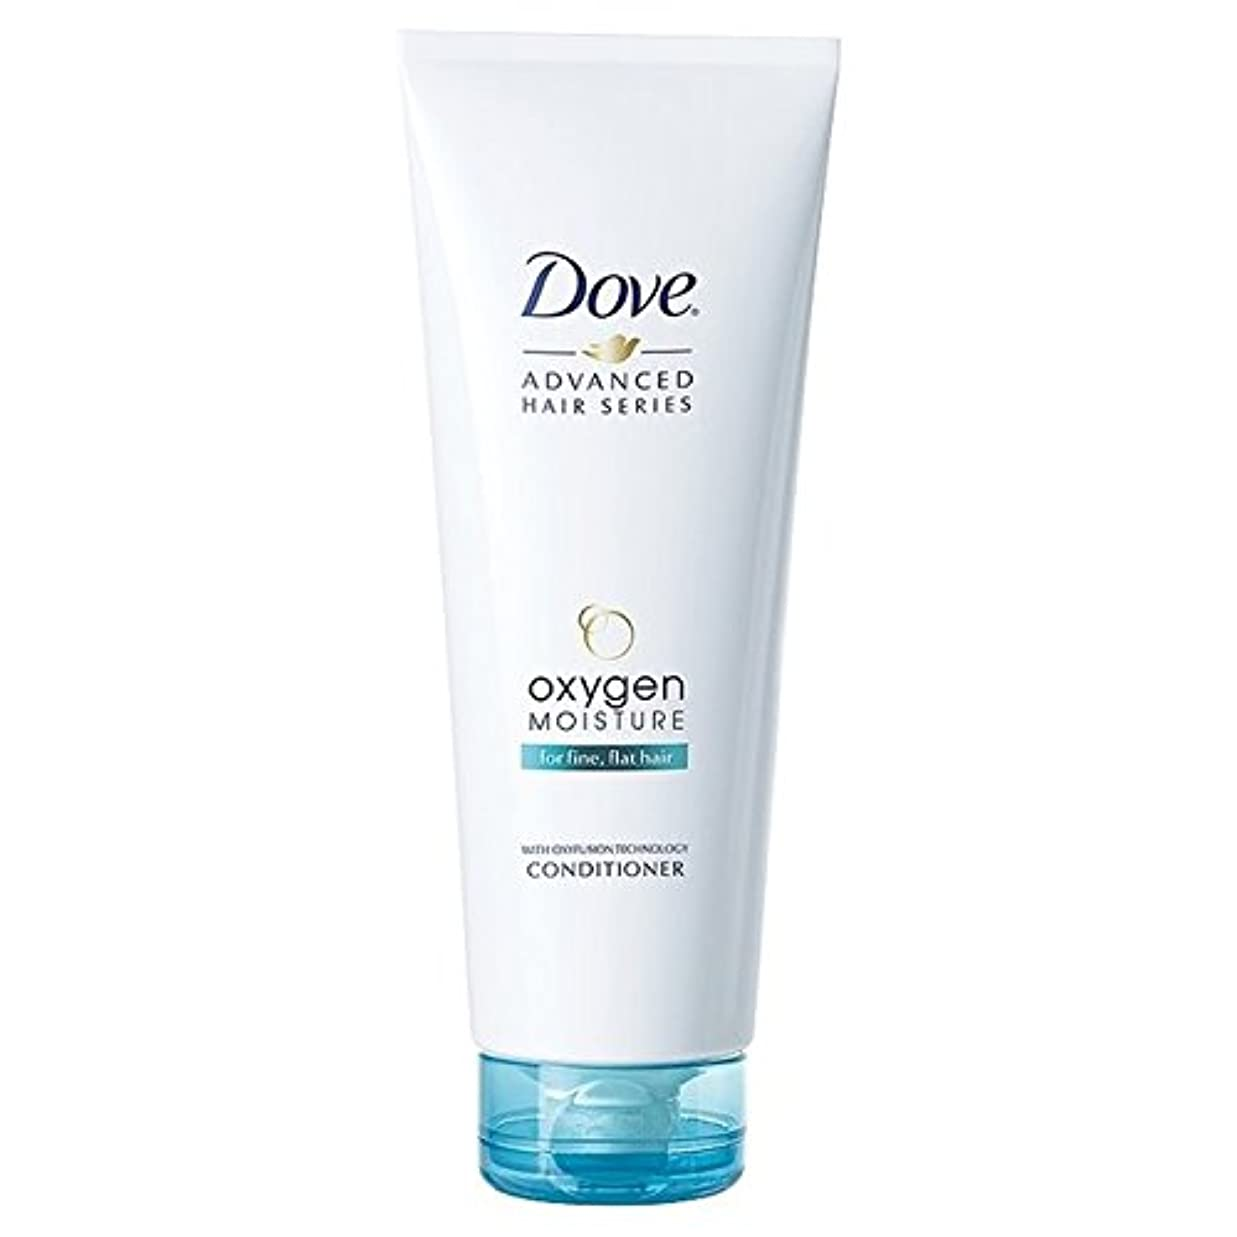 活力治安判事赤字Dove Oxygen Moisture Conditioner for Fine Hair 250ml - 細い髪の250ミリリットルのための鳩酸素水分コンディショナー [並行輸入品]